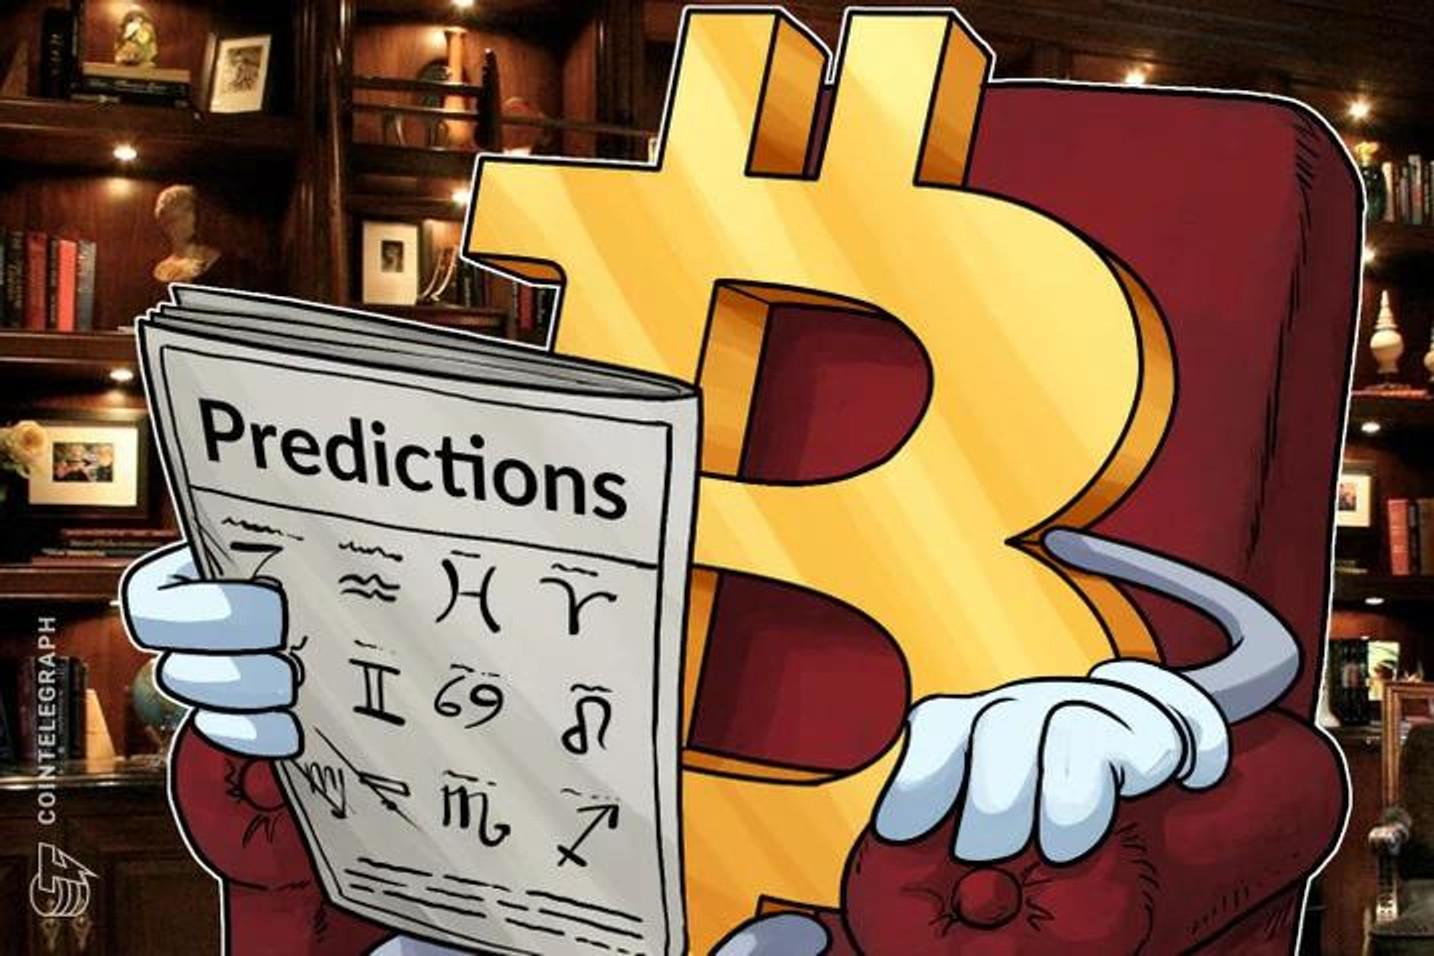 Ballena de Bitcoin 'pierde' 20 millones de dólares prediciendo la caída de BTC y cambia de opinión sobre la valoración del activo